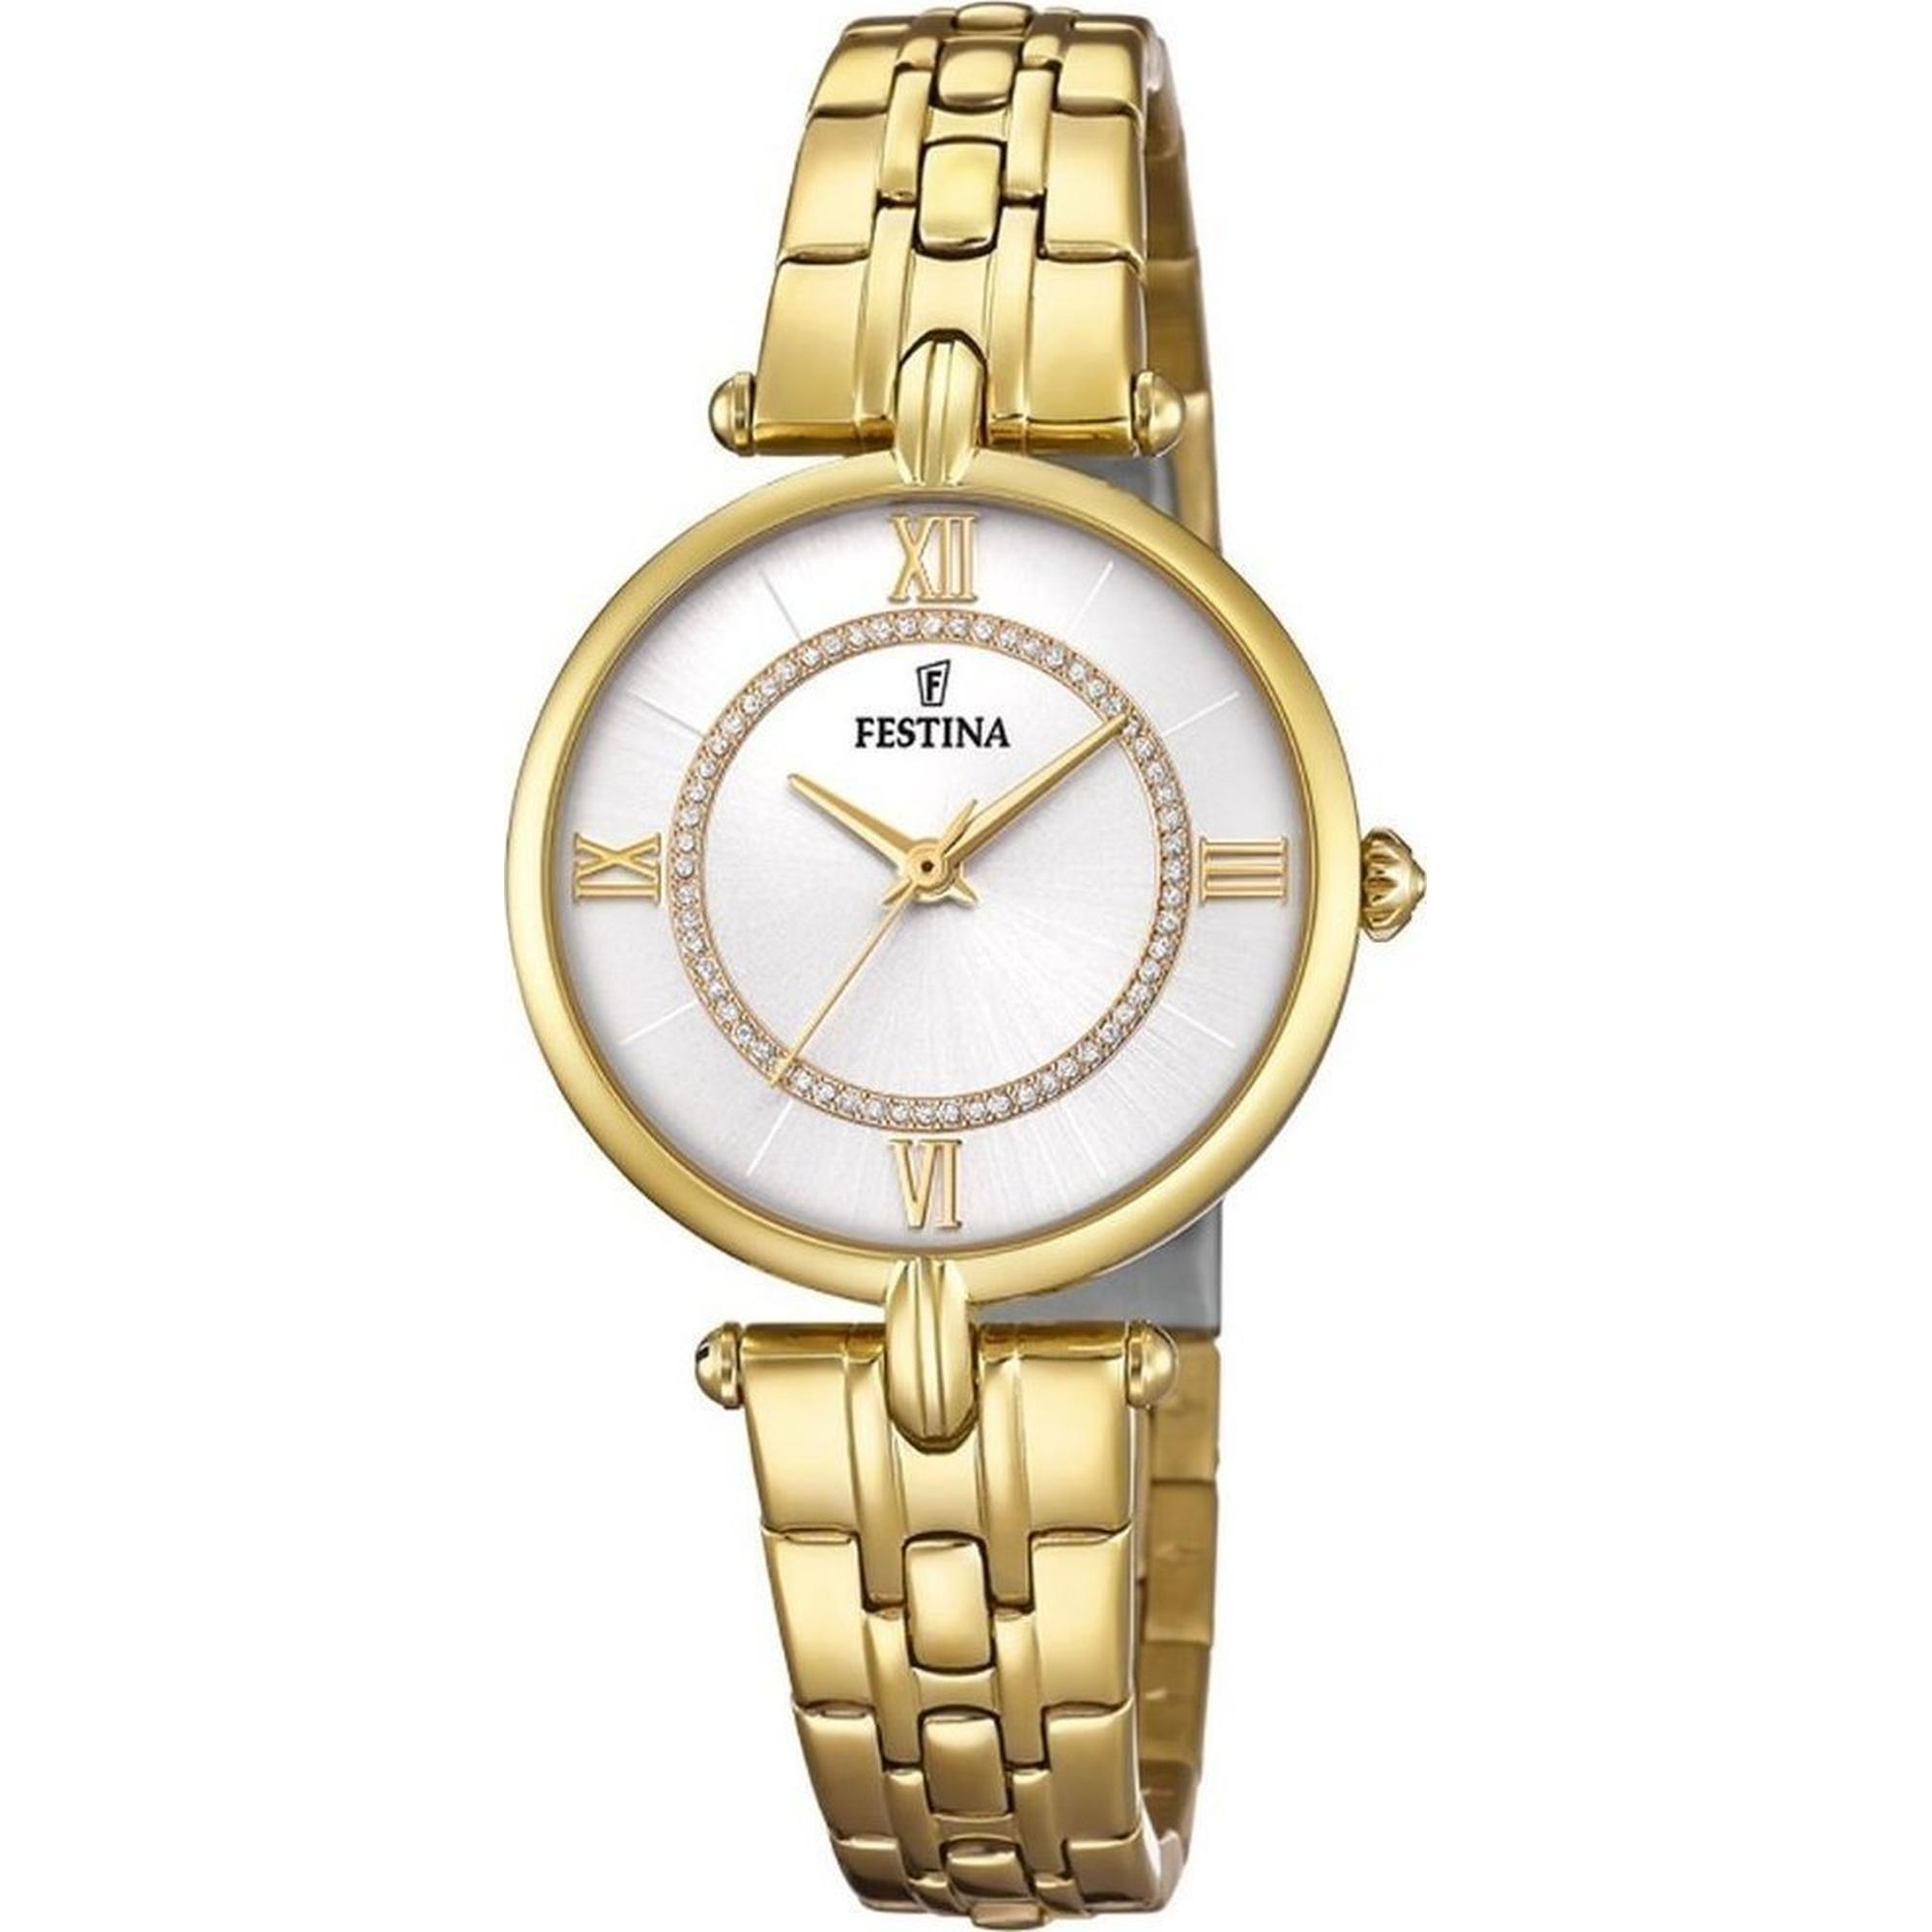 Ρολόι Festina με Χρυσό Μπρασελέ F20317/1 + Δώρο Βραχιόλι